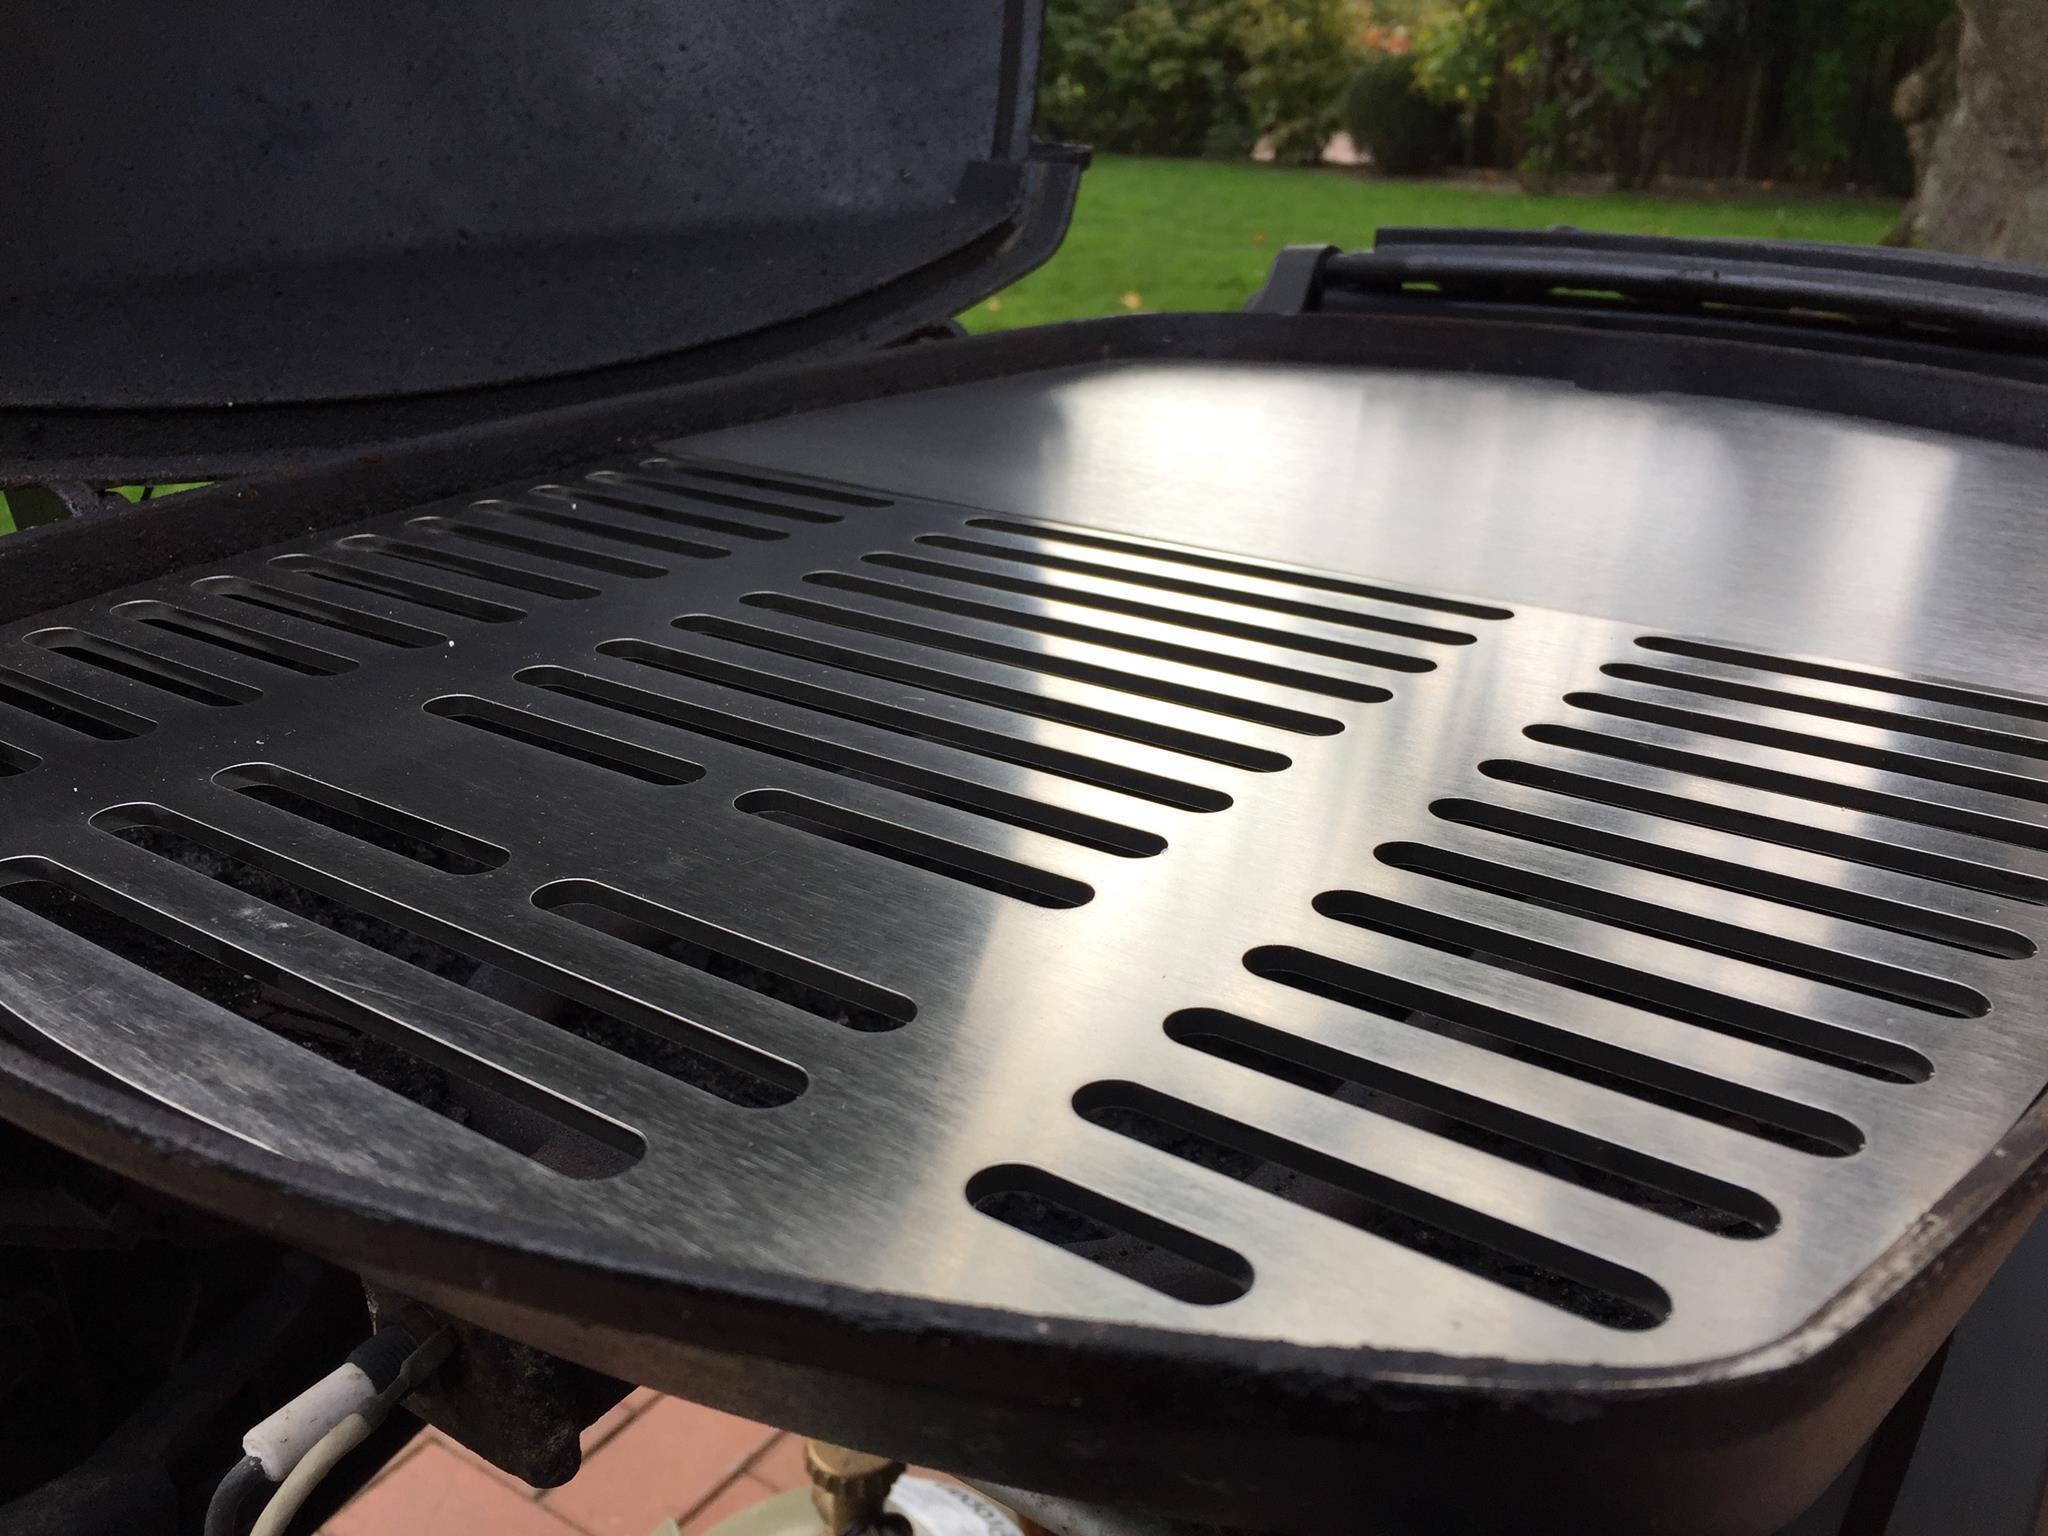 Weber Outdoor Küche Edelstahl : Weber grill outdoor küche unterbauradio küche minimalismus